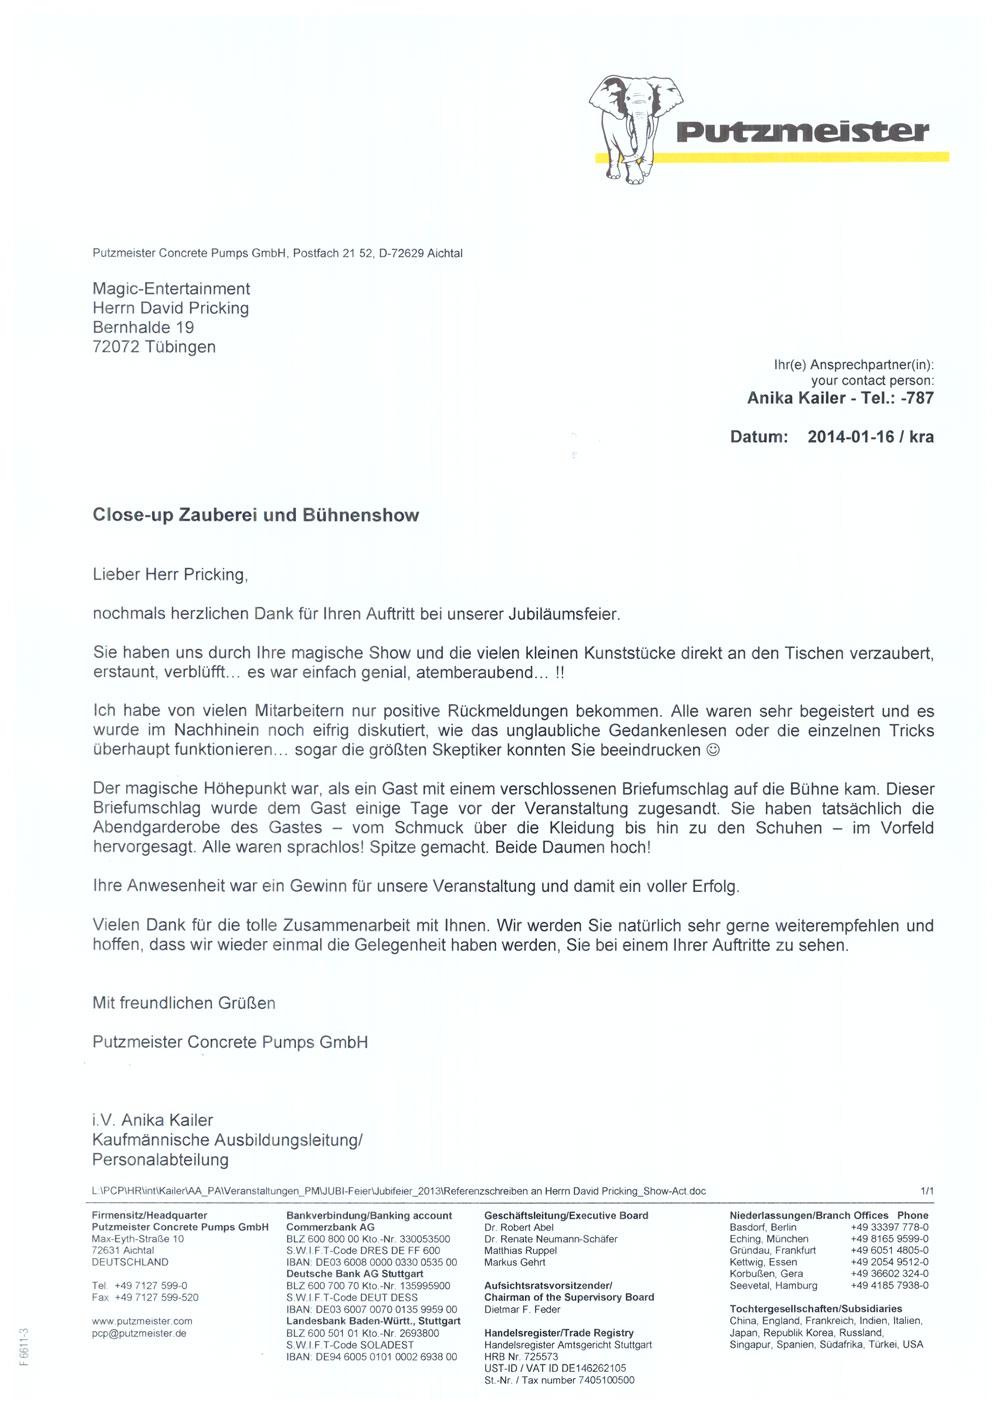 Referenz der Firma Putzmeister